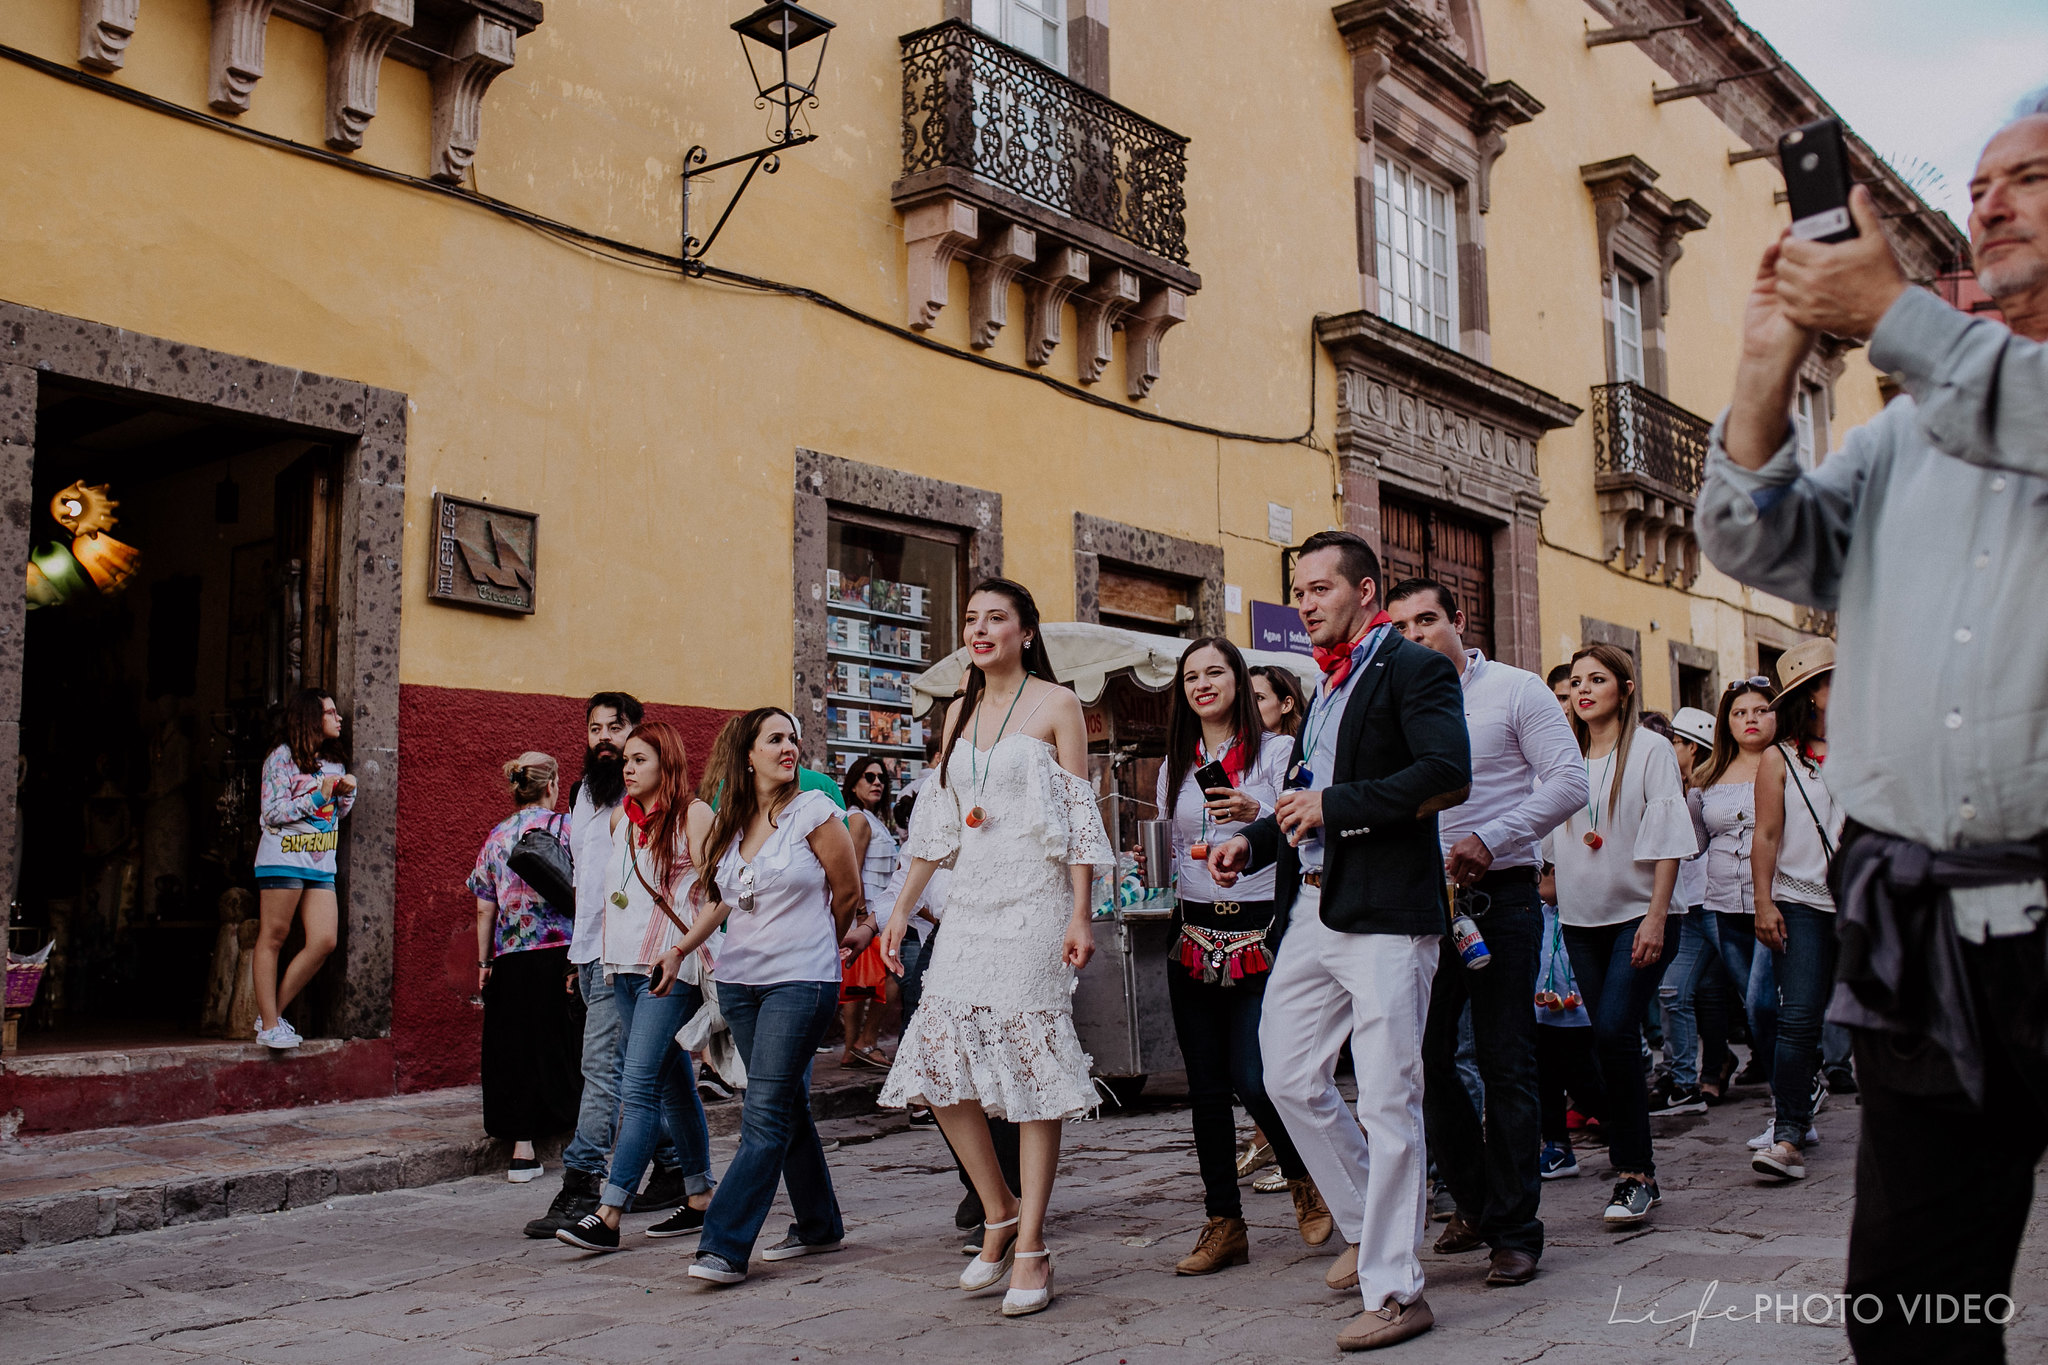 SanMigueldeAllende_Wedding_Callejoneada_Vaquillada_0076